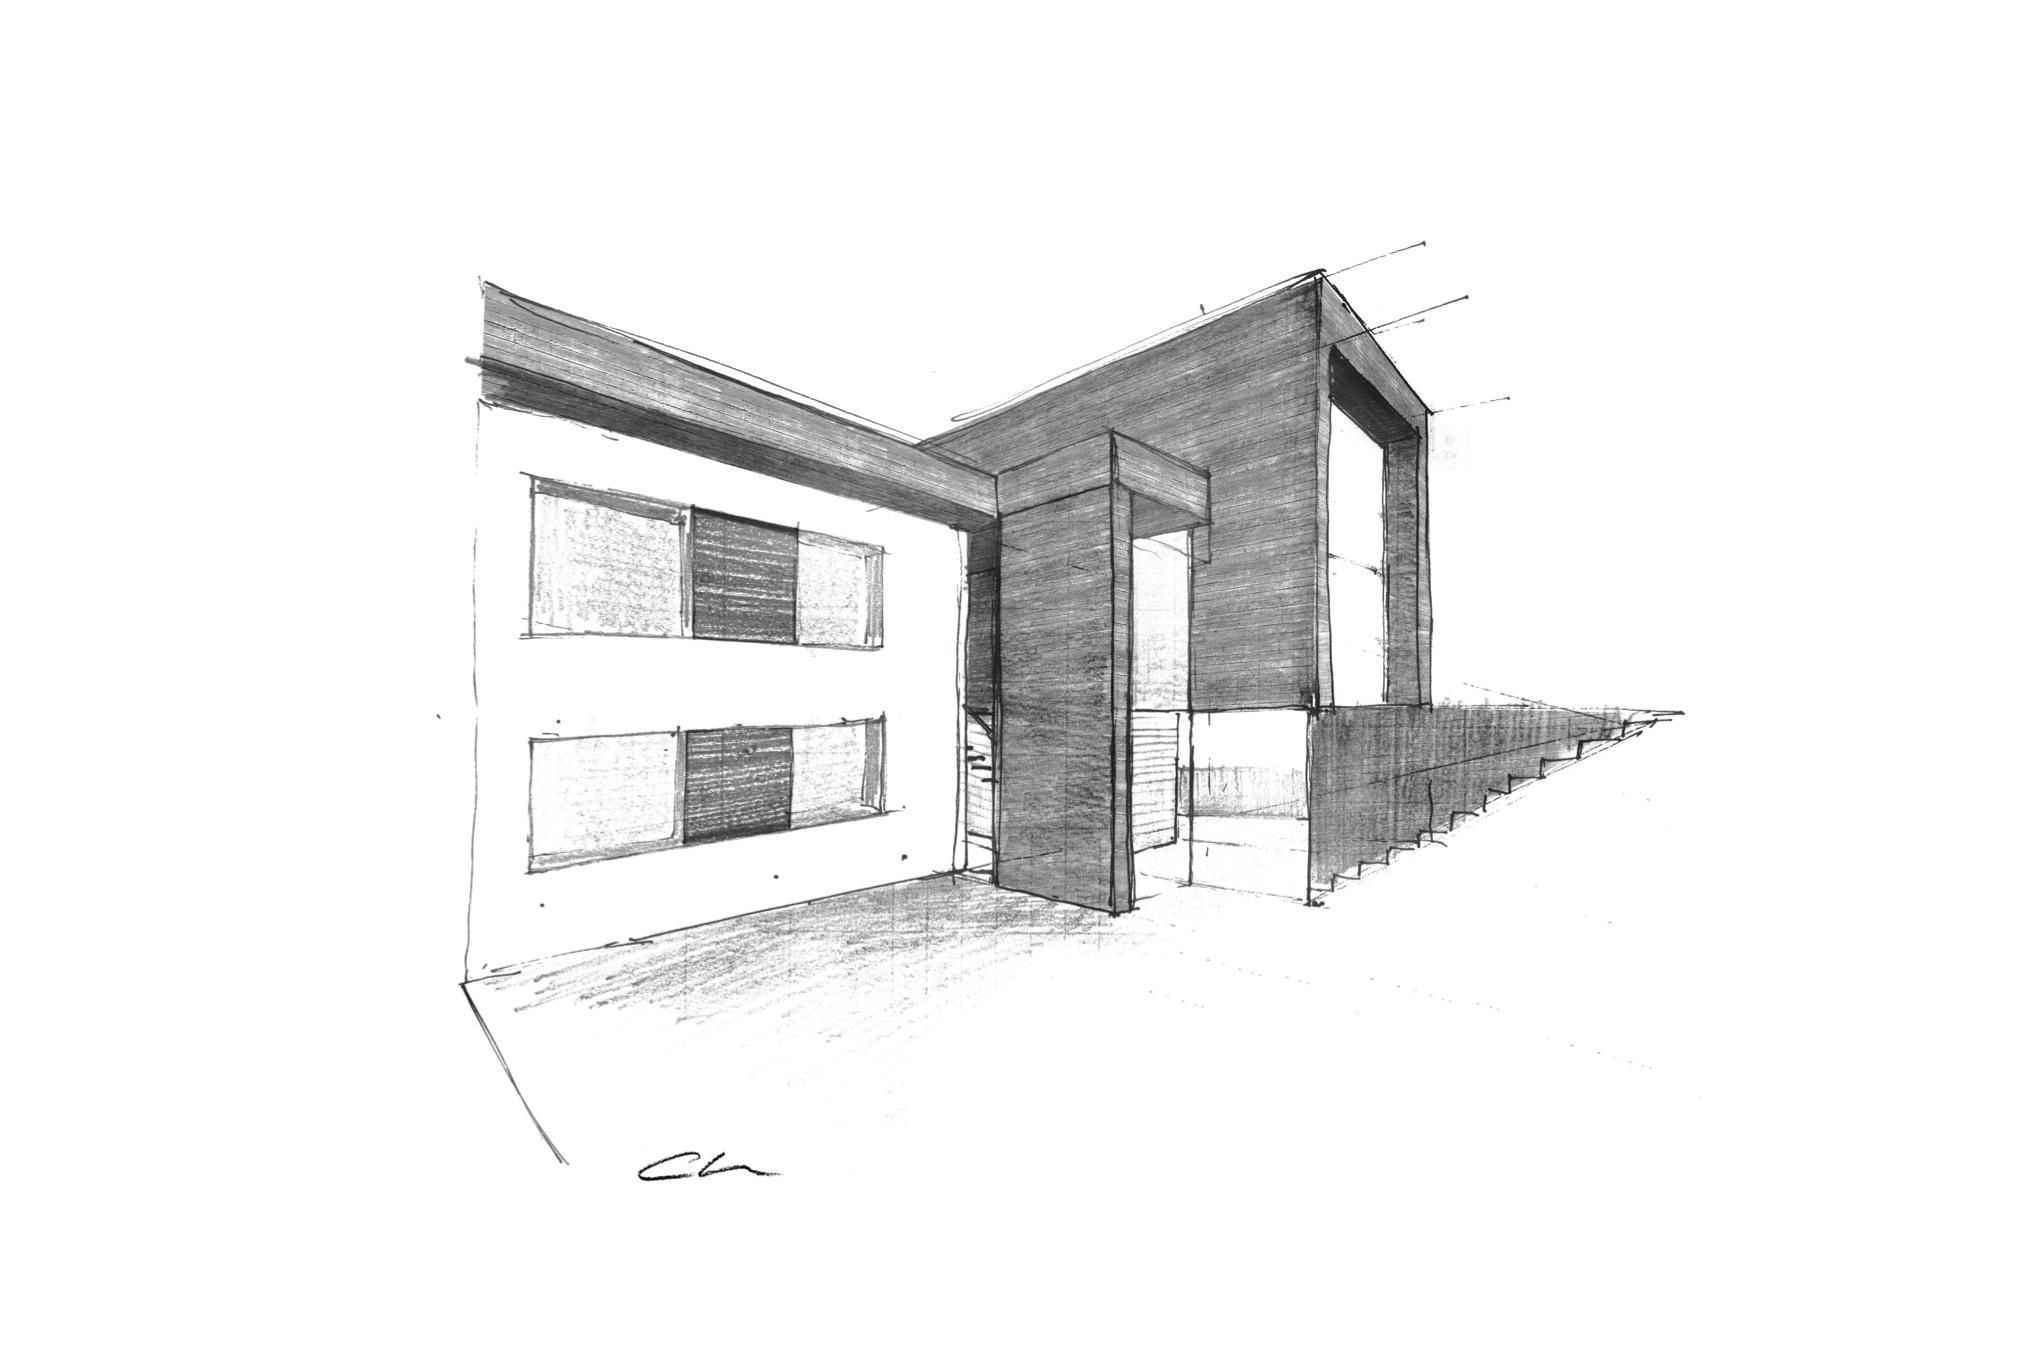 2C-Vivienda-Hormigon-Boceto-Chiralt-Arquitectos-Valencia-2baja